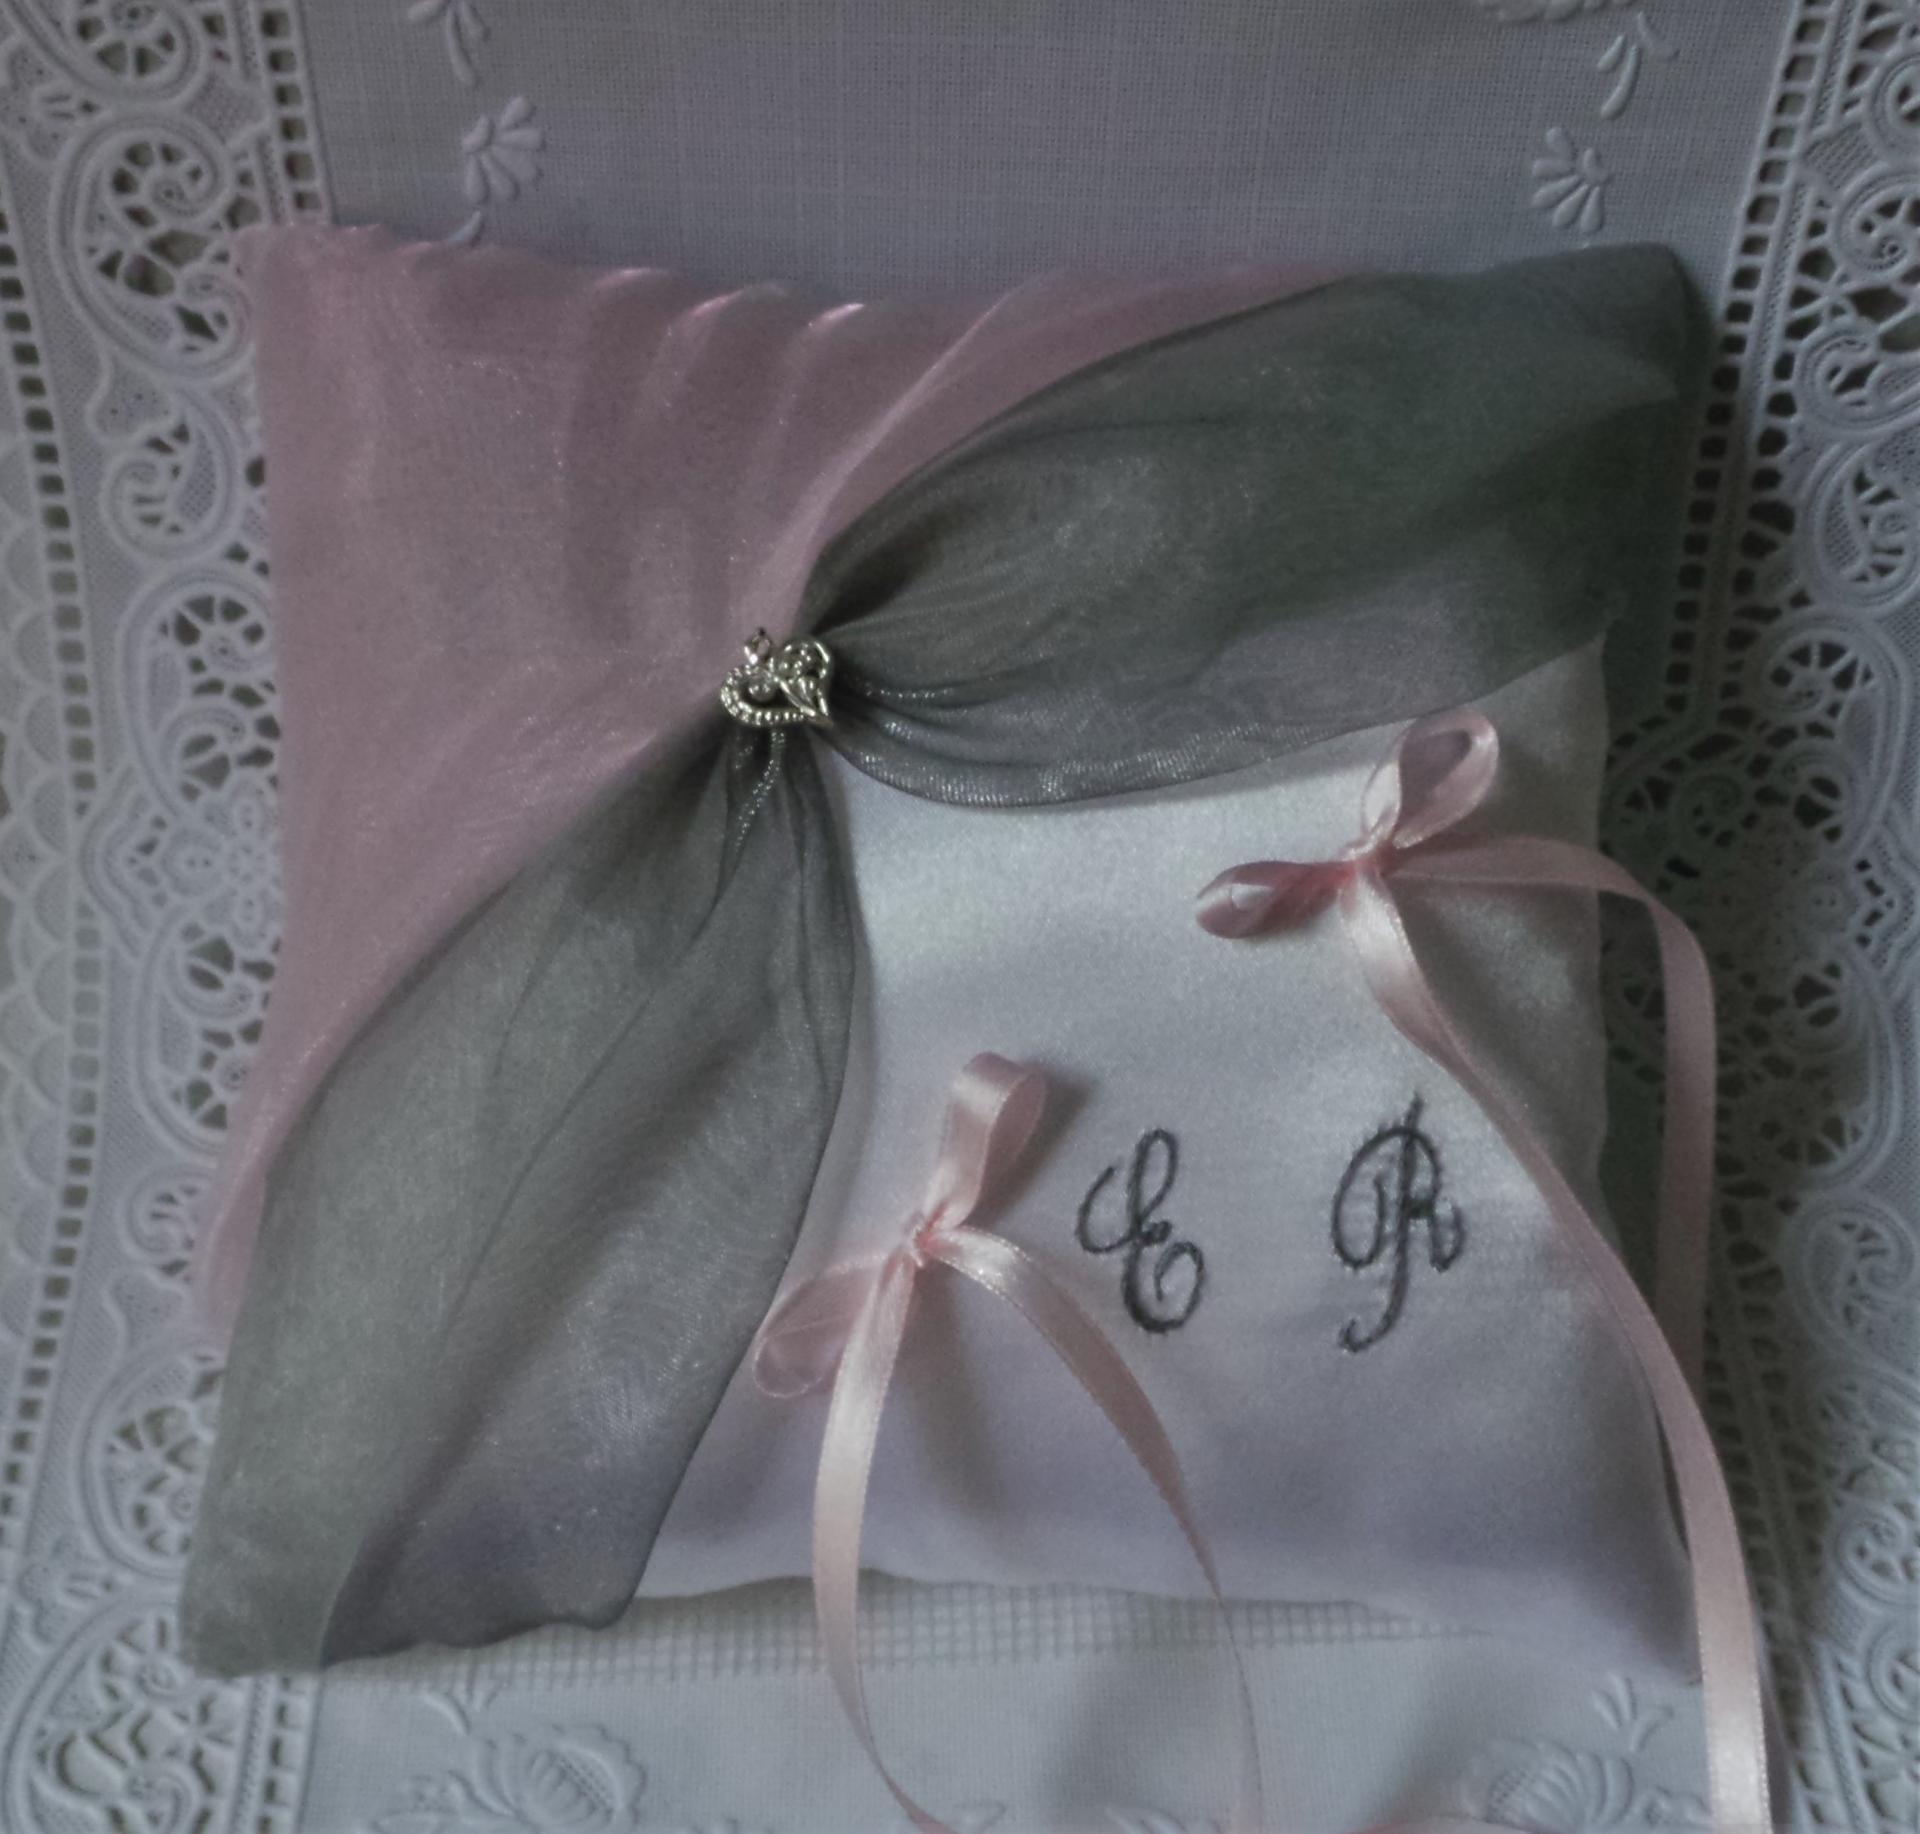 Coussin alliances chic gris et rose brodé main